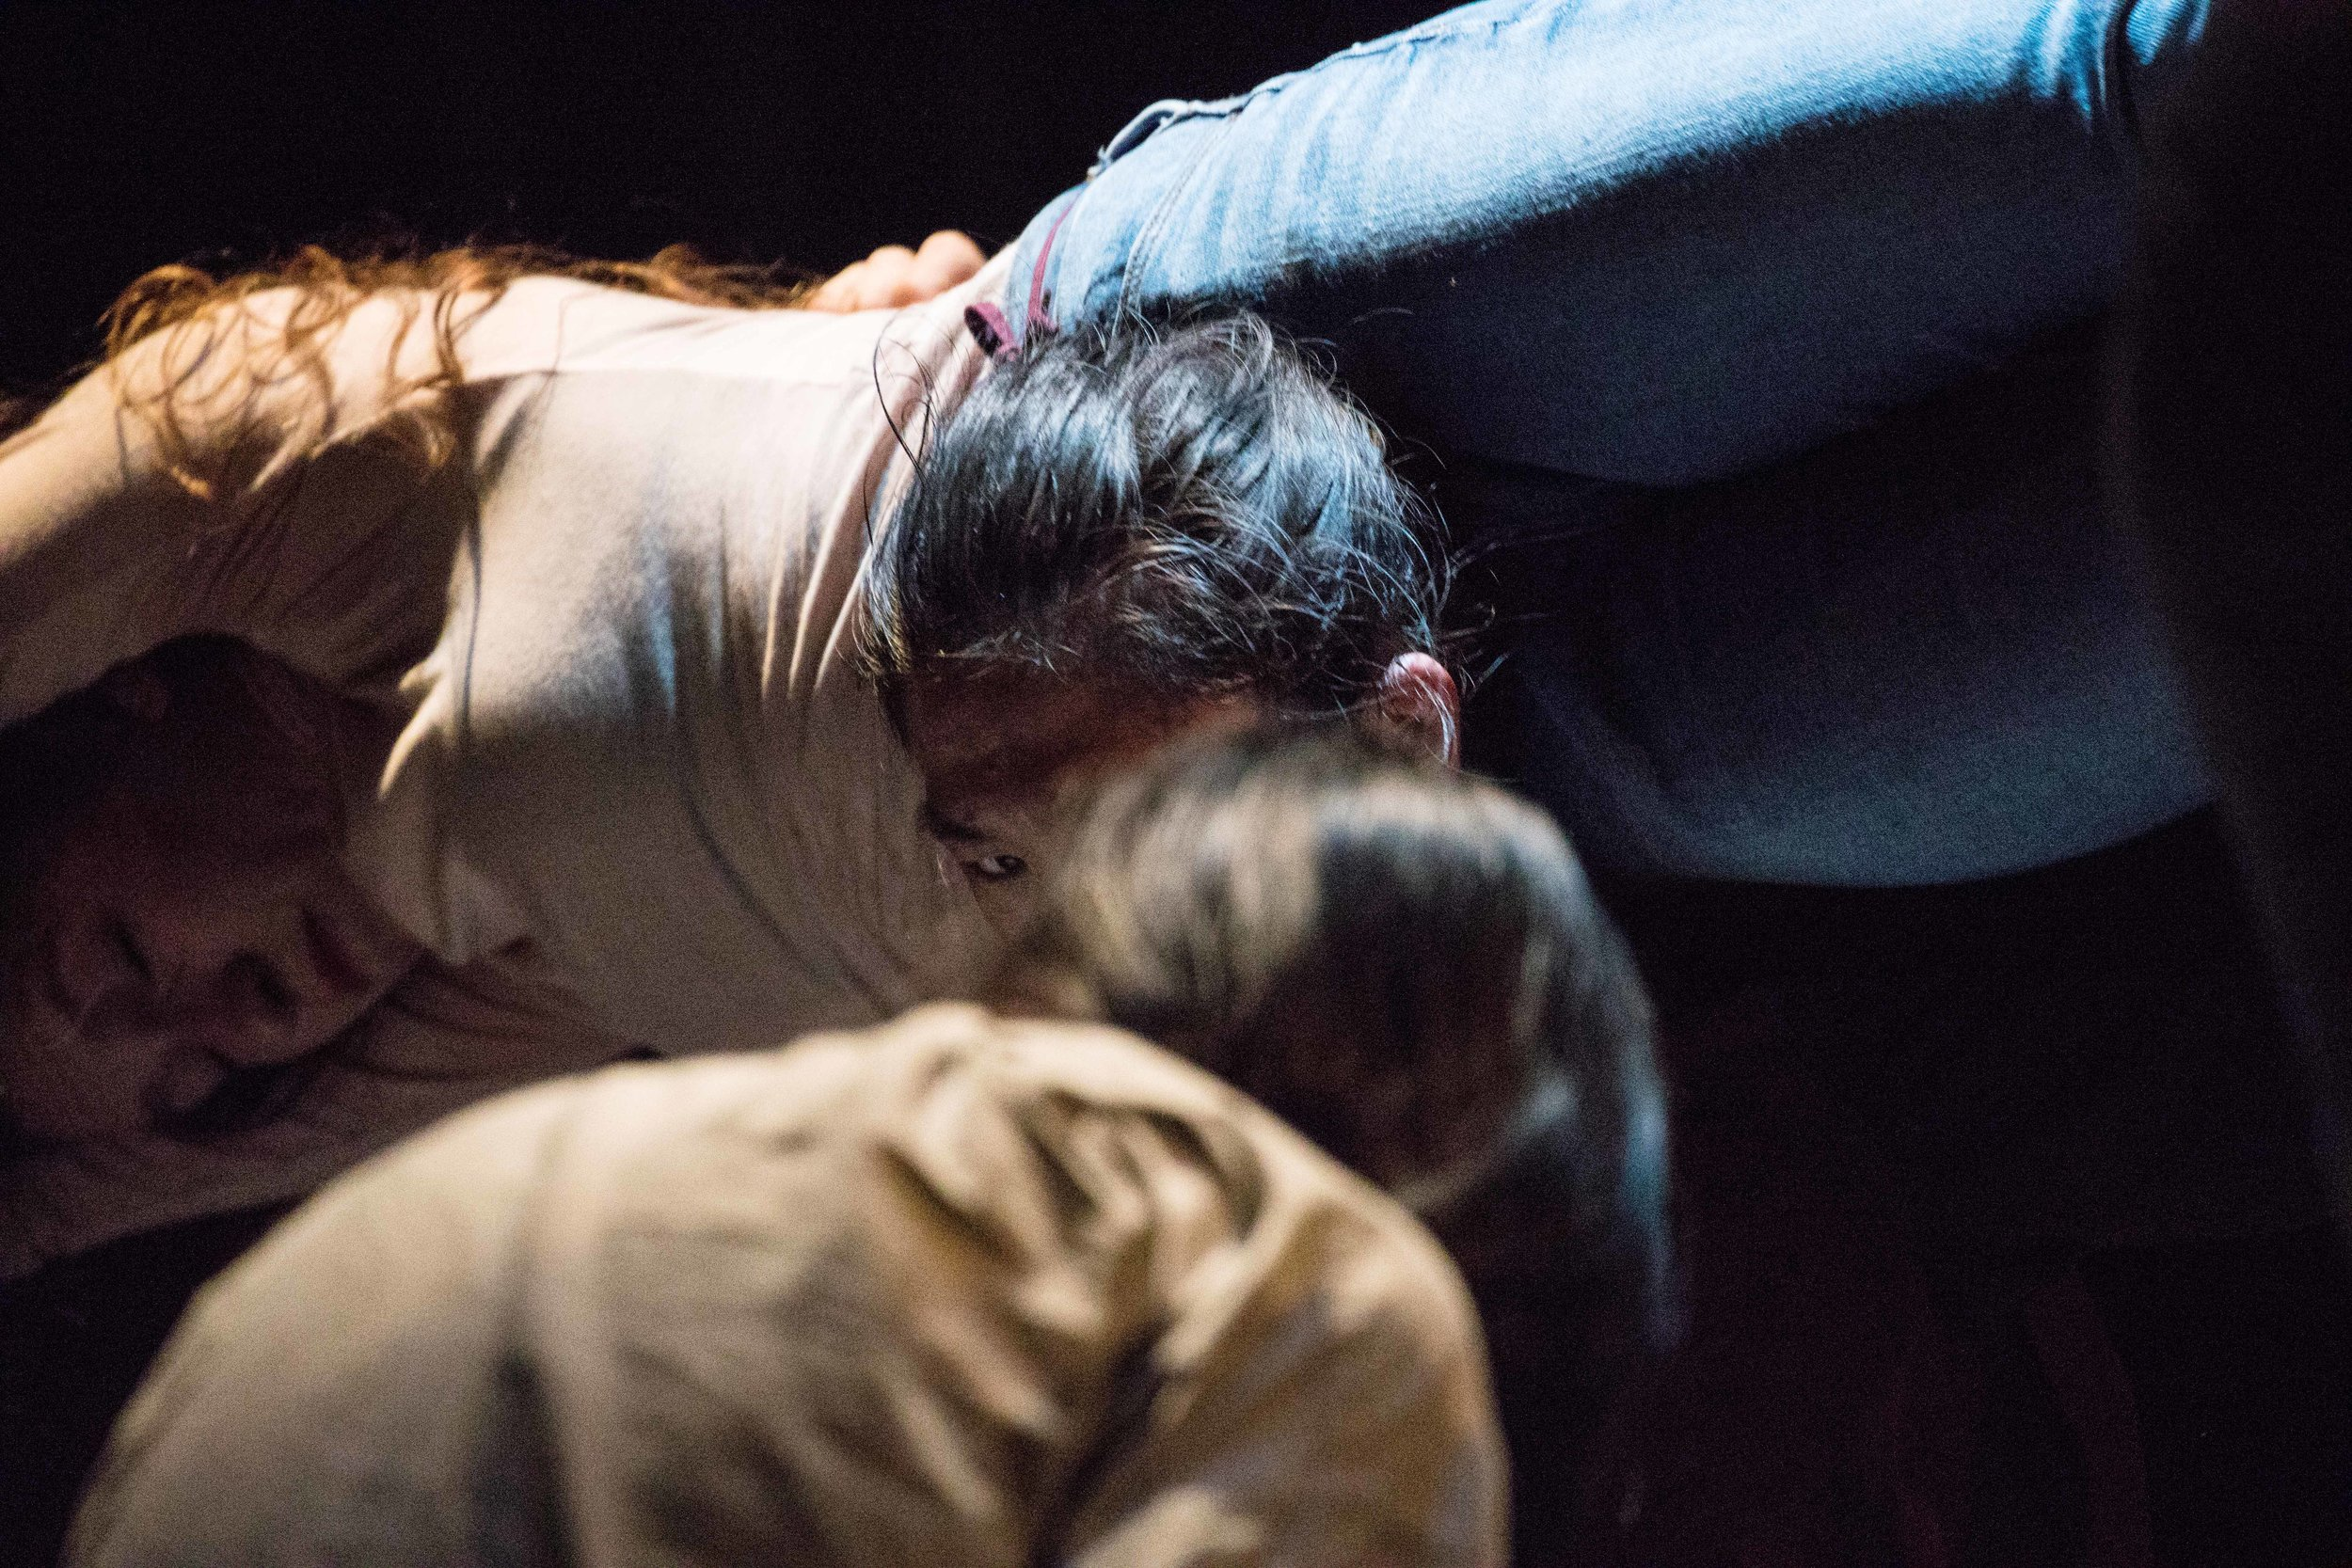 Dance & Non-Verbal Theatre Festival photo Jelena Jankovic 2017 (11)klein.jpg